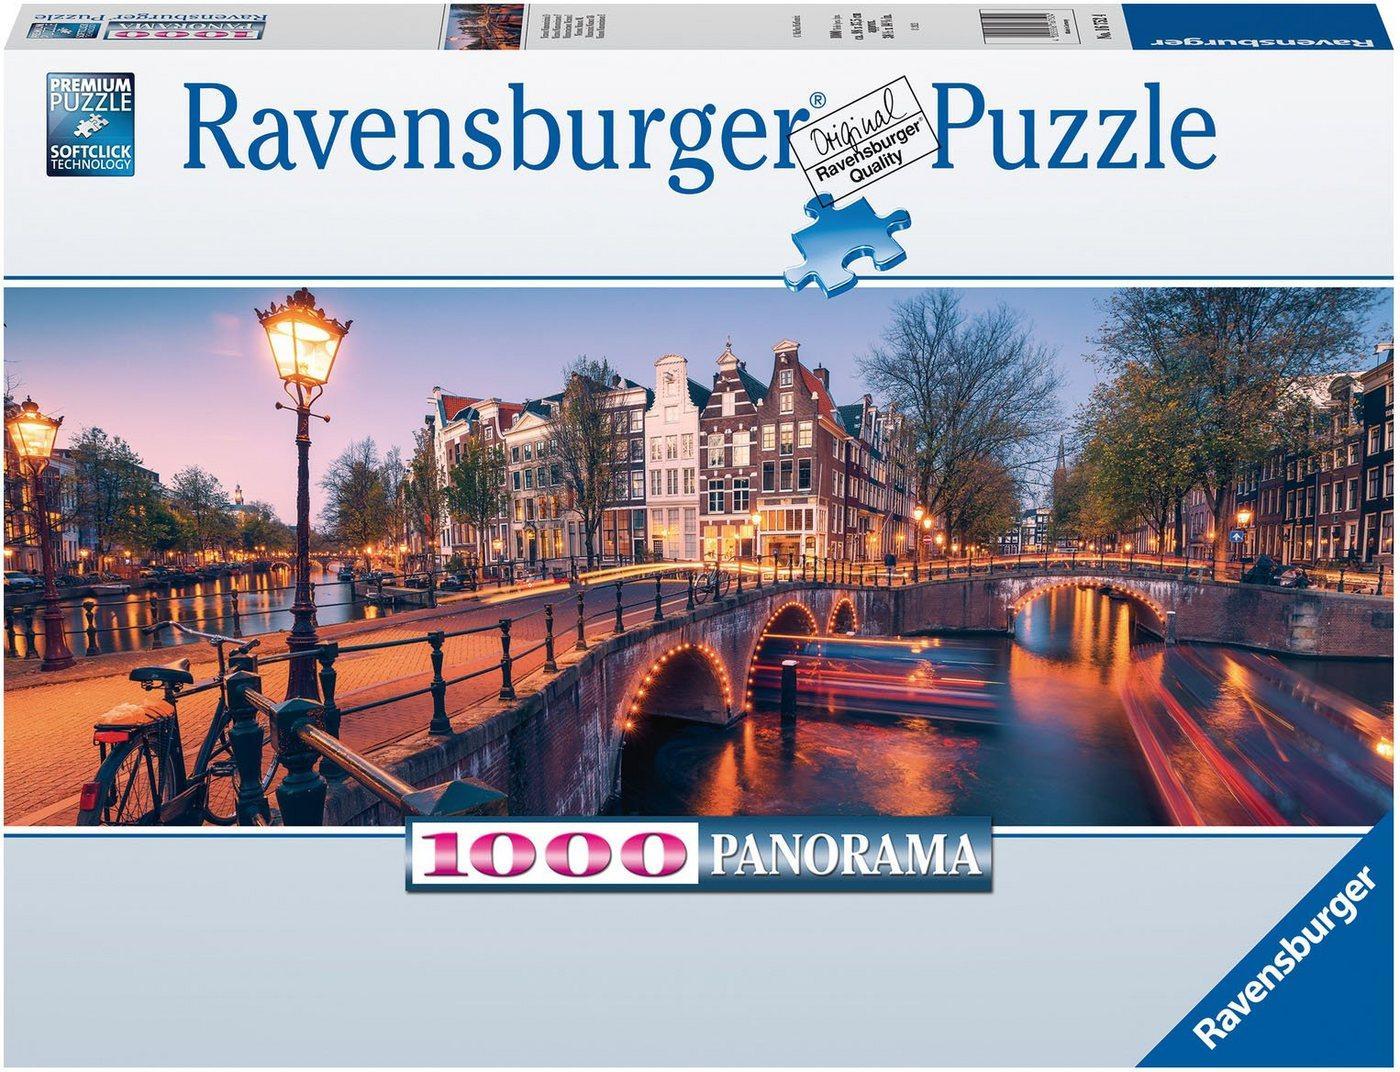 Ravensburger Puzzle »Abend in Amsterdam«, 1000 Puzzleteile, FSC® - schützt Wald - weltweit; Made in Germany